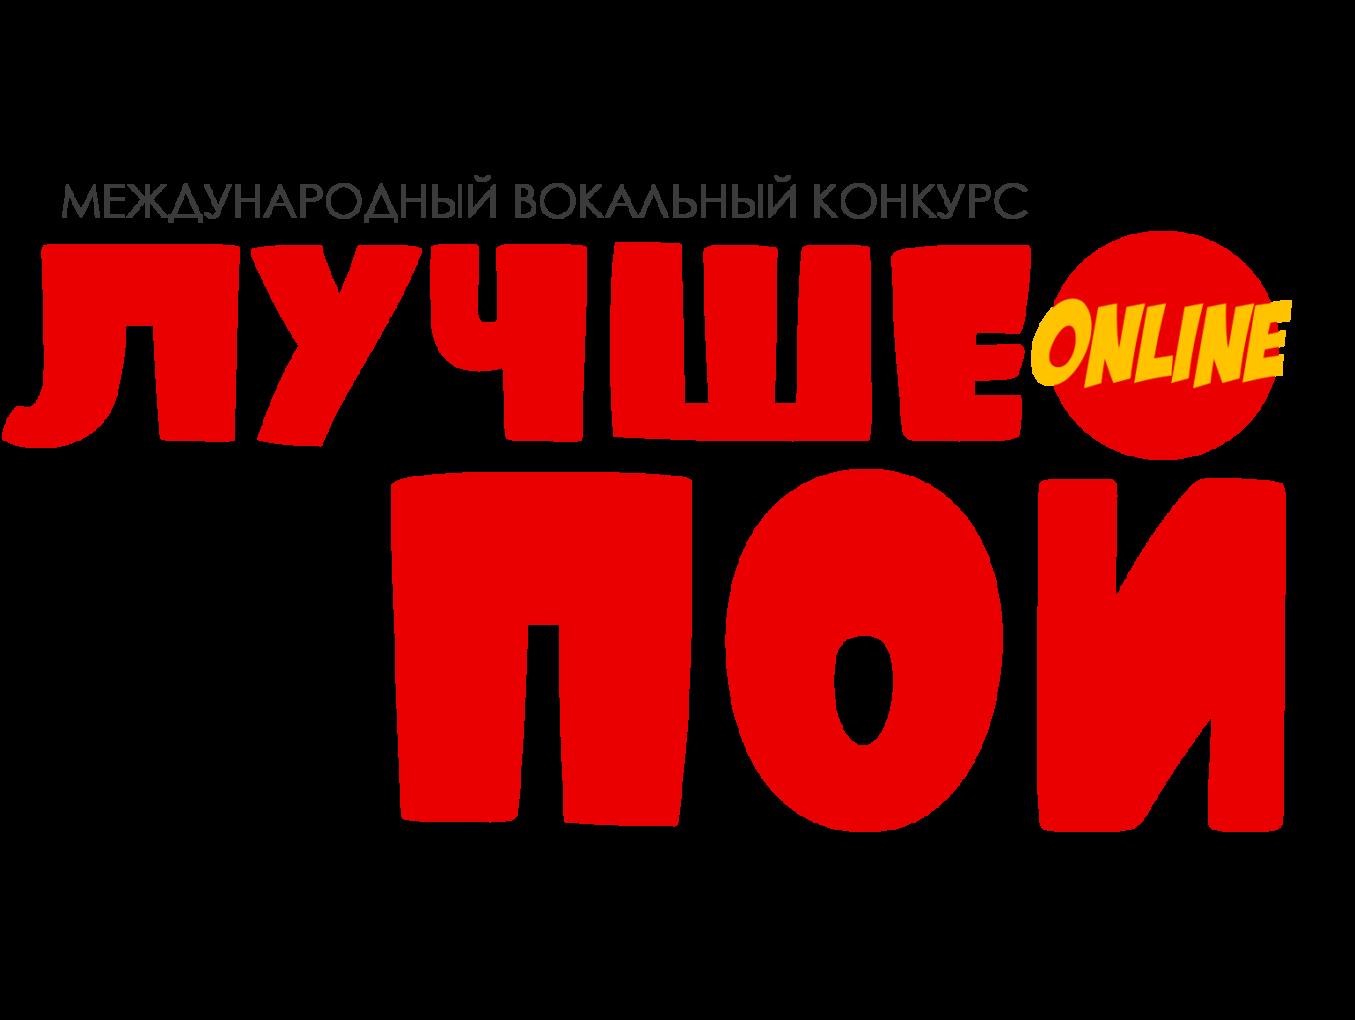 Открываем прием заявок на Международныйвокальный ОНЛАЙН конкурс ЛУЧШЕ ПОЙ!